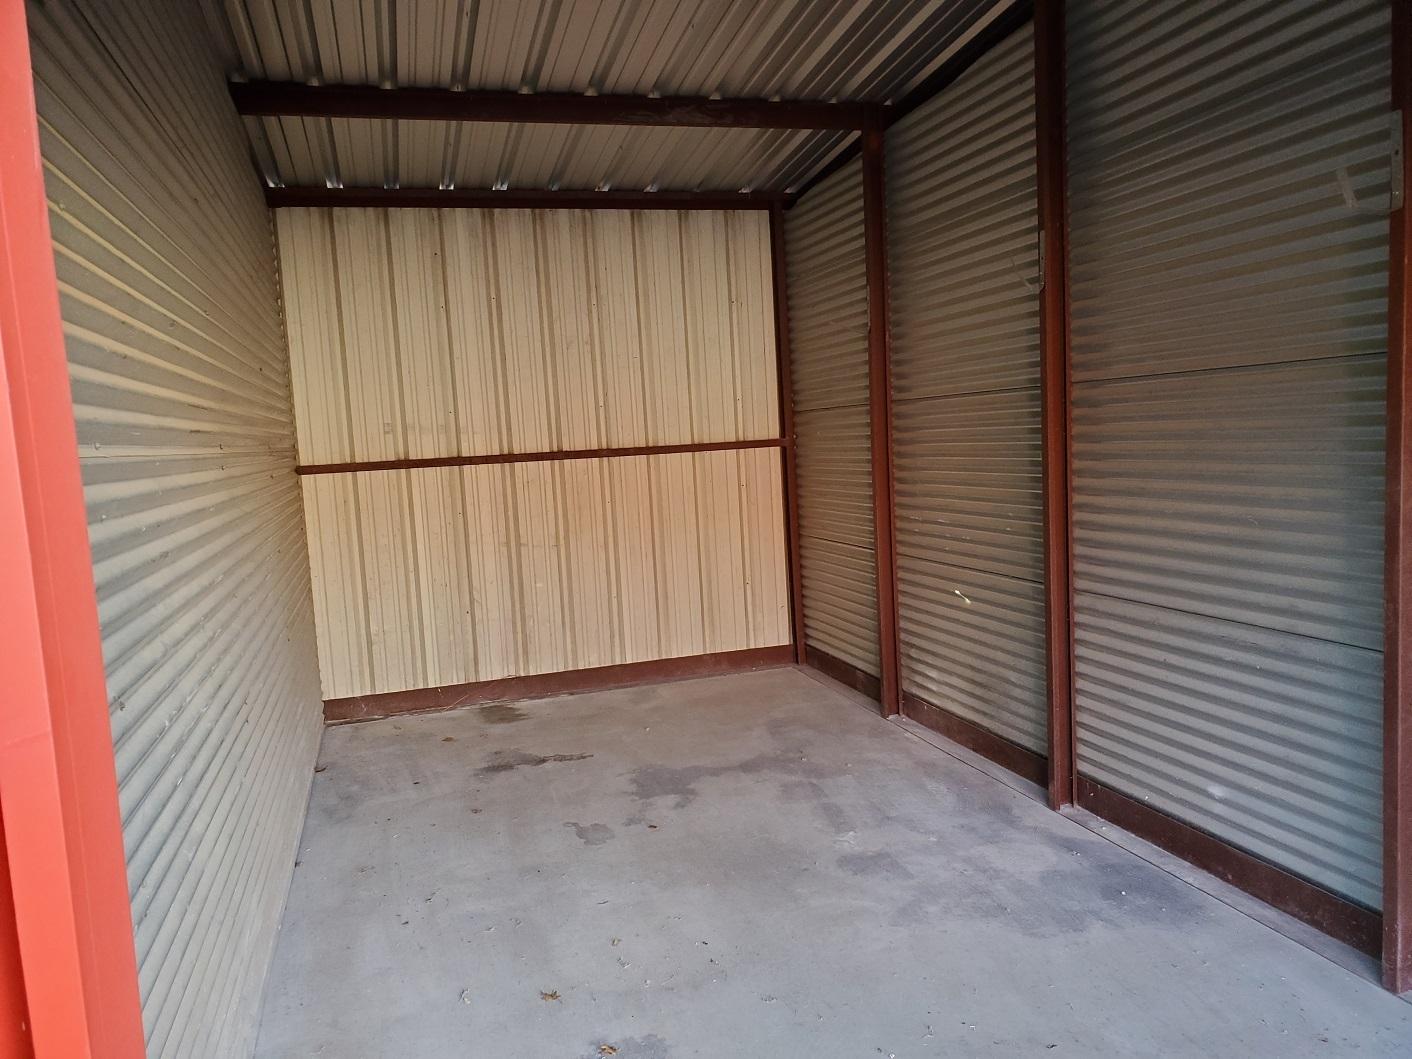 10x20 interior unit